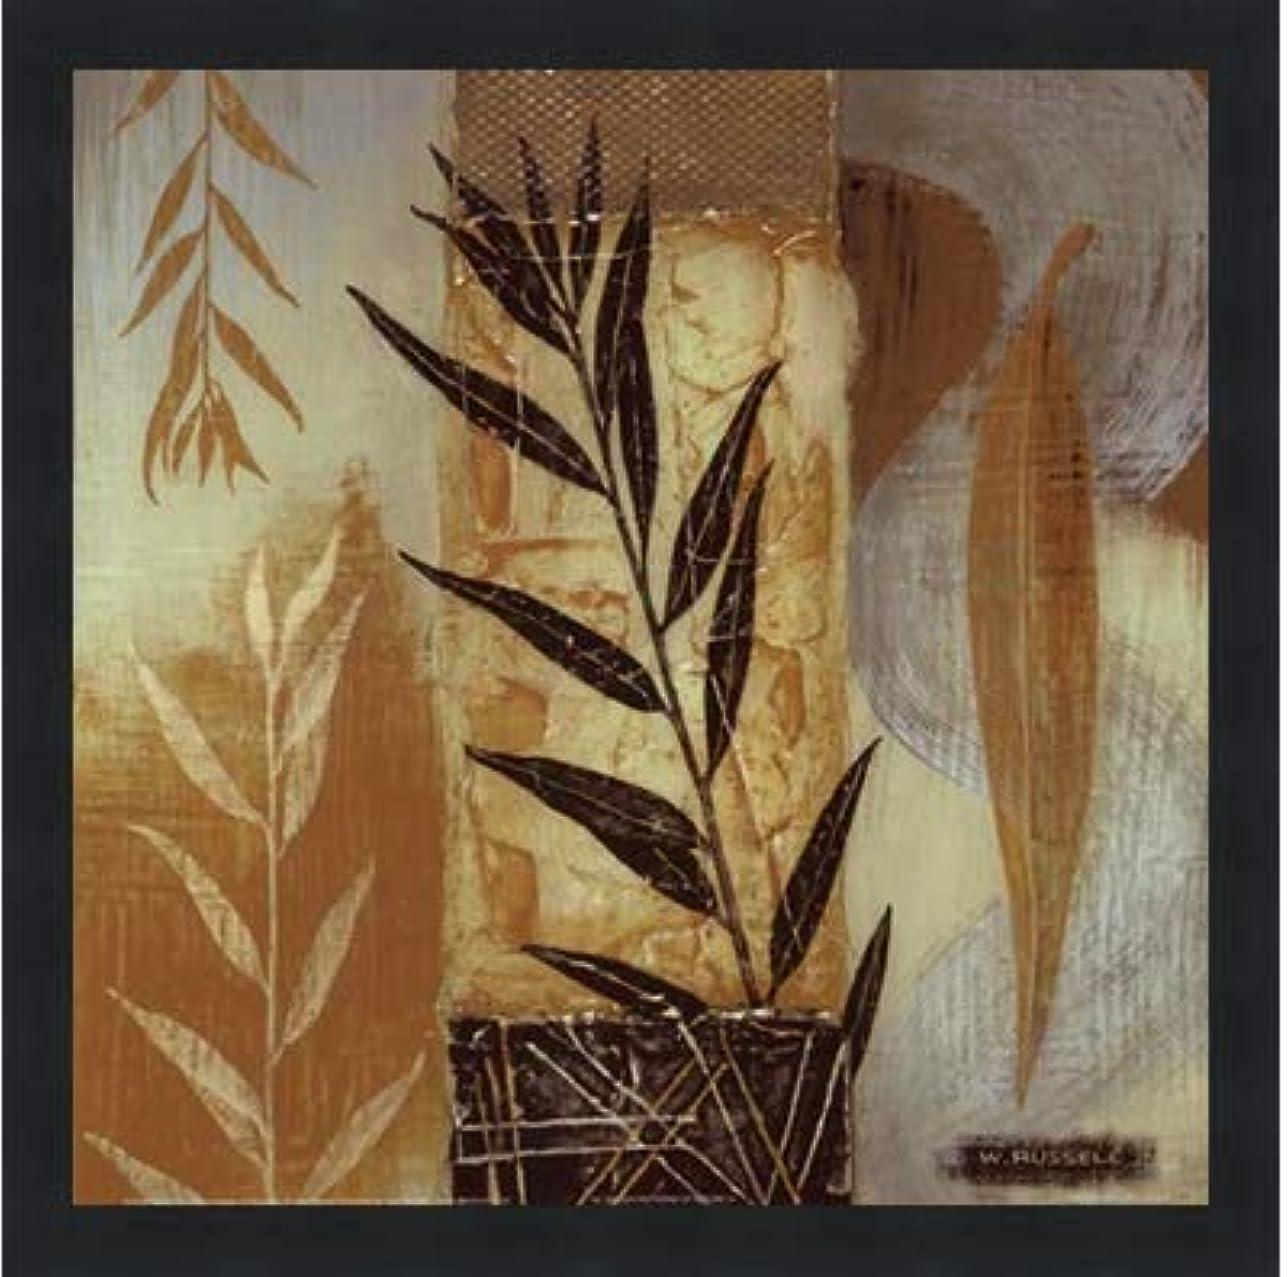 コモランマクランプ報復する自然のパターンIV by Wendy Russell – 12 x 12インチ – アートプリントポスター 12 x 12 Inch LE_255657-F101-12x12